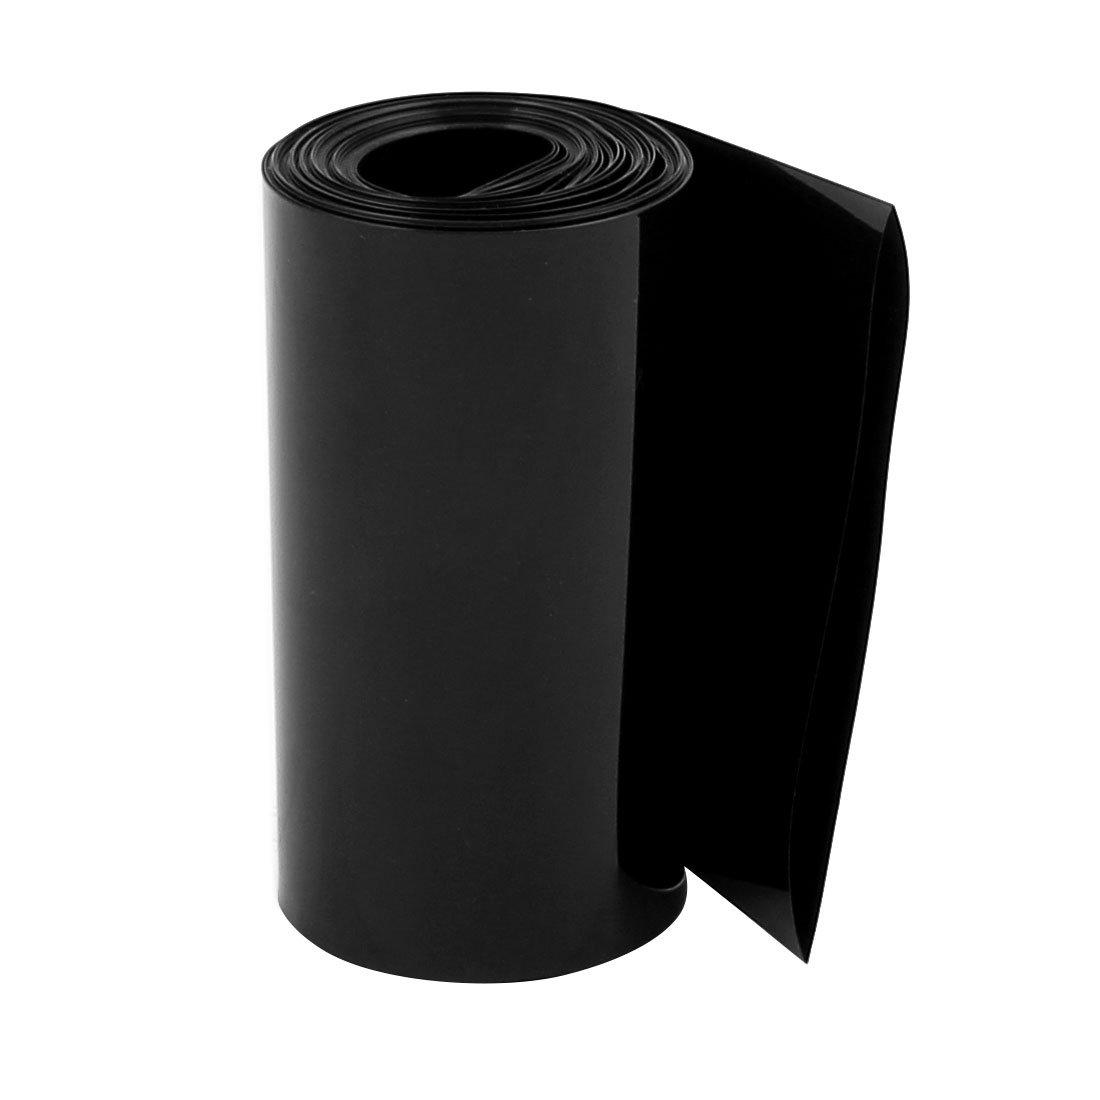 sourcingmap® 95mm larghezza piatta 10M DI LUNGHEZZA PVC Tubo termoretraibile nero per 18650 Pacco batteria sourcing map US-SA-AJD-266553